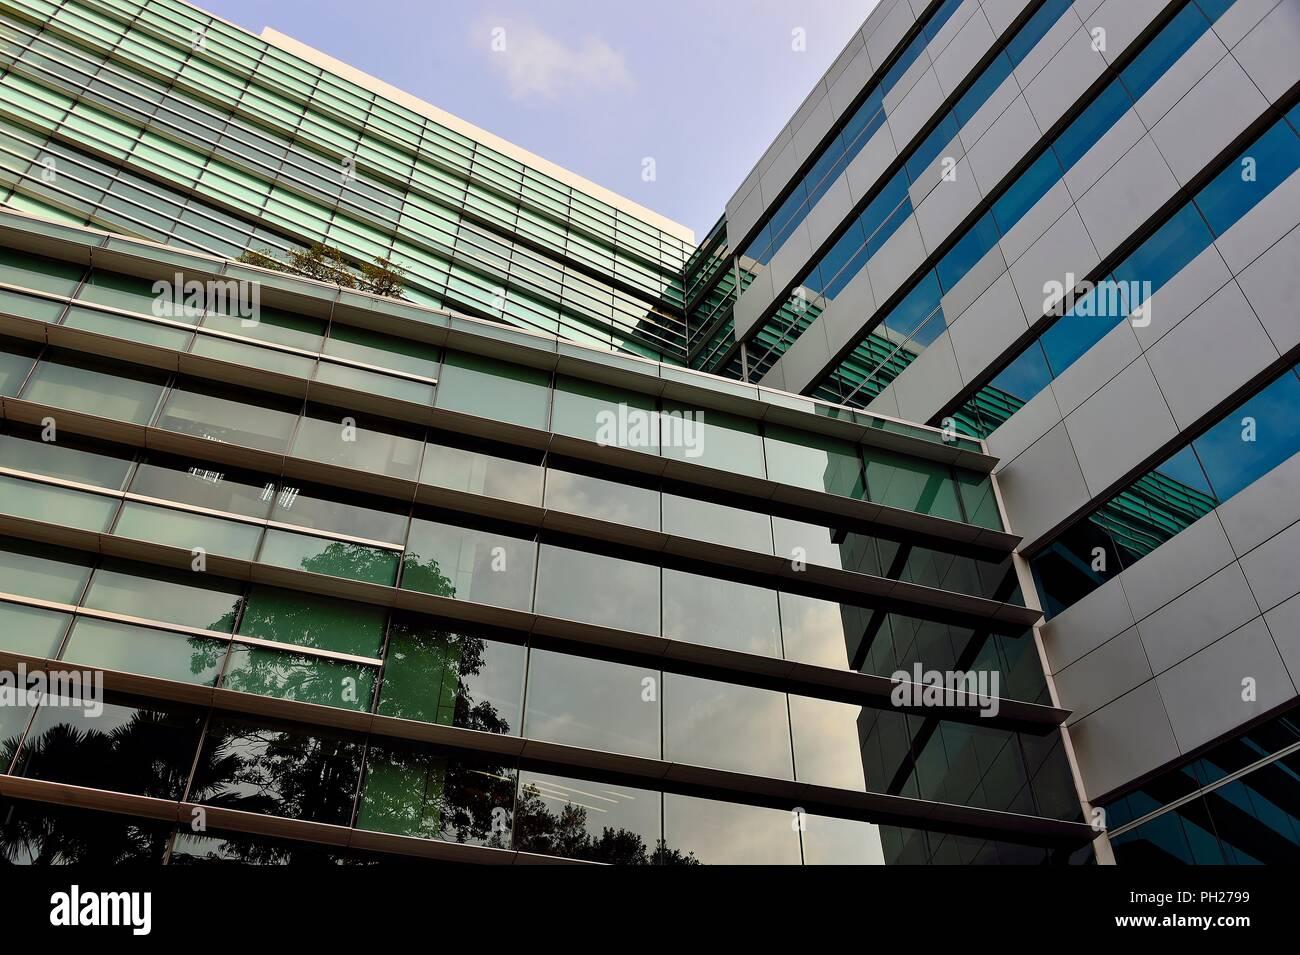 Abstrakte Glasfassade der modernen Bürogebäude in der Innenstadt von Singapur mit symmetrischen Mustern, Reflexionen und Perspektive als abstrakt Hintergrund Stockfoto